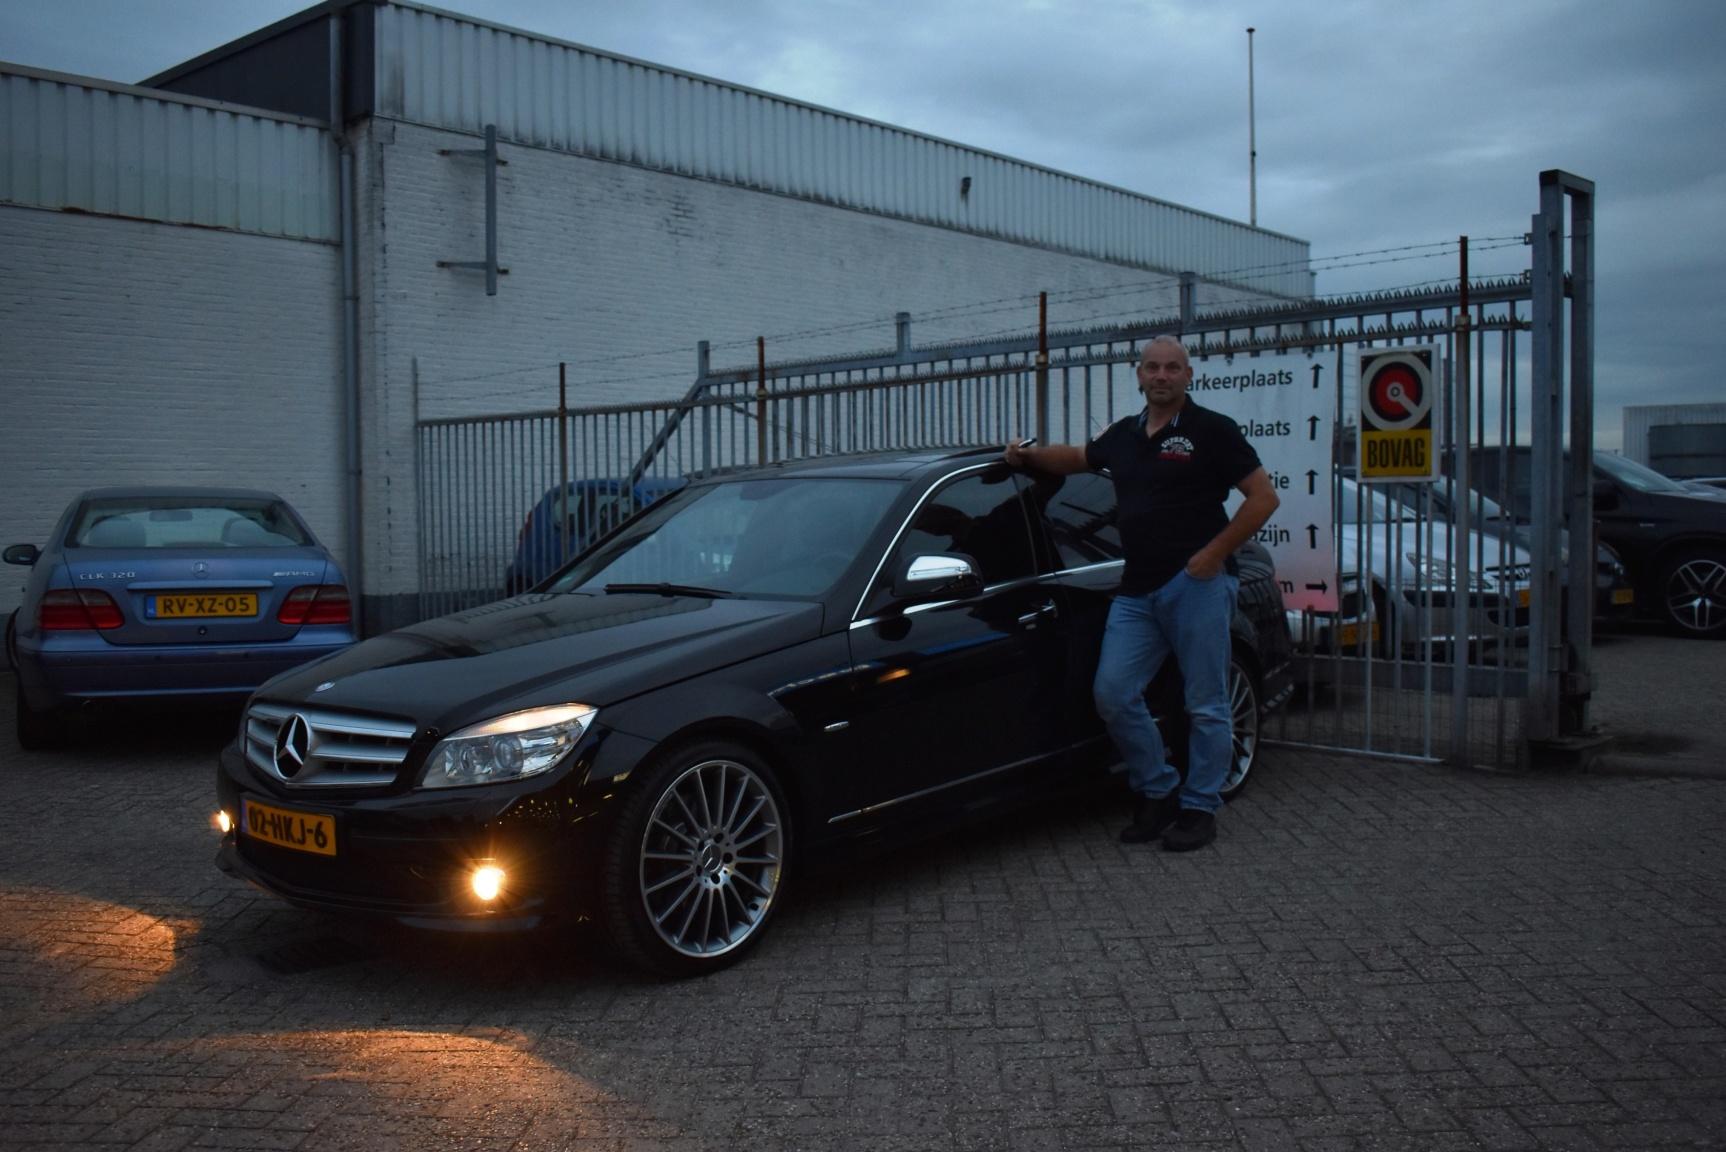 Aflevering Mercedes-Benz C350-2021-10-05 12:04:53